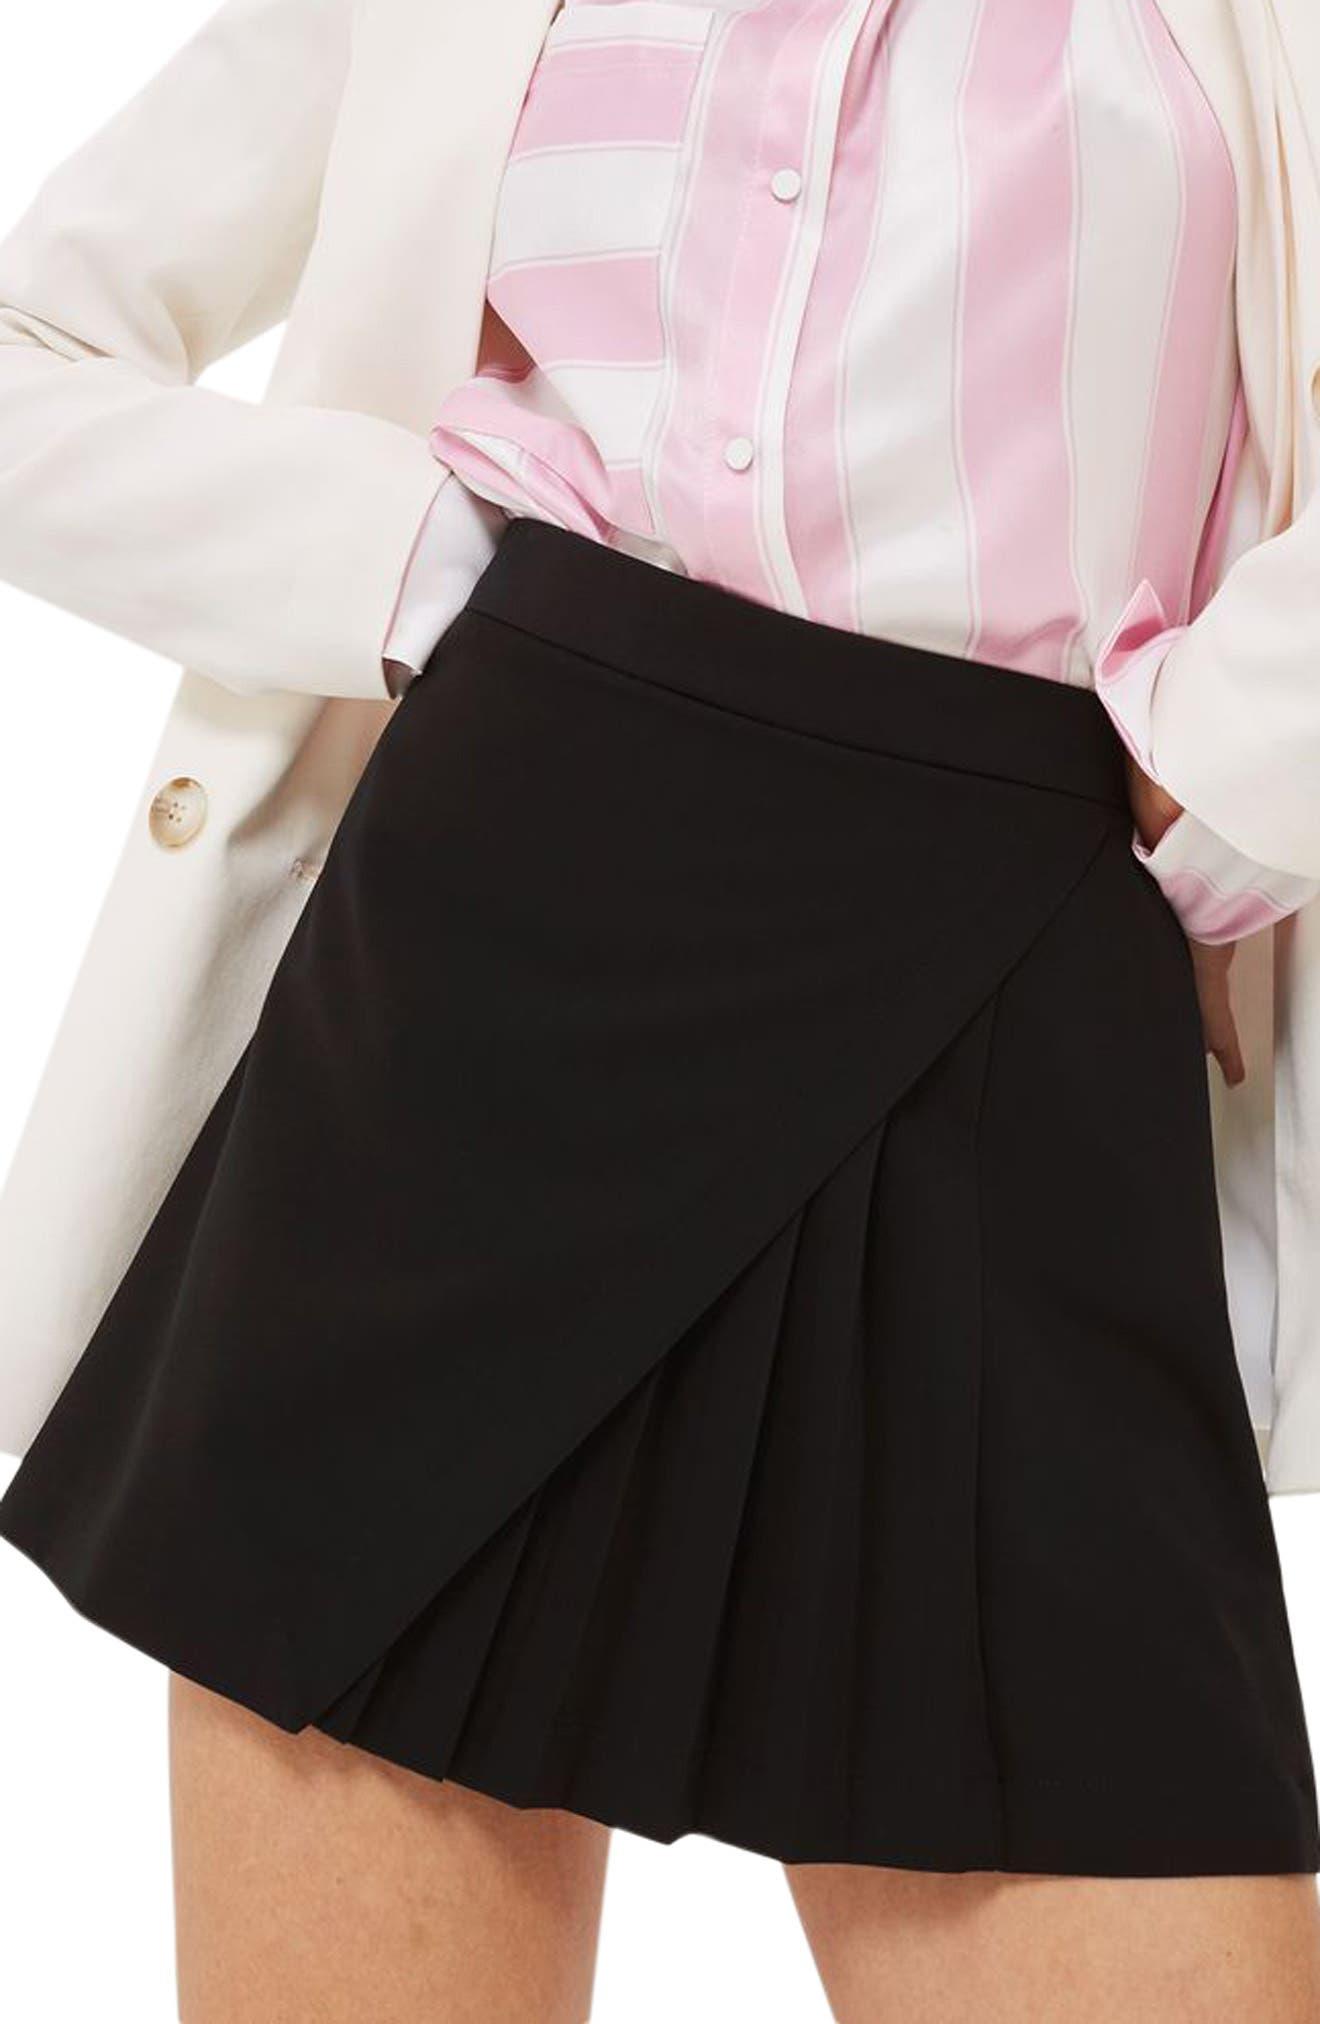 Topshop Pleated Panel Miniskirt